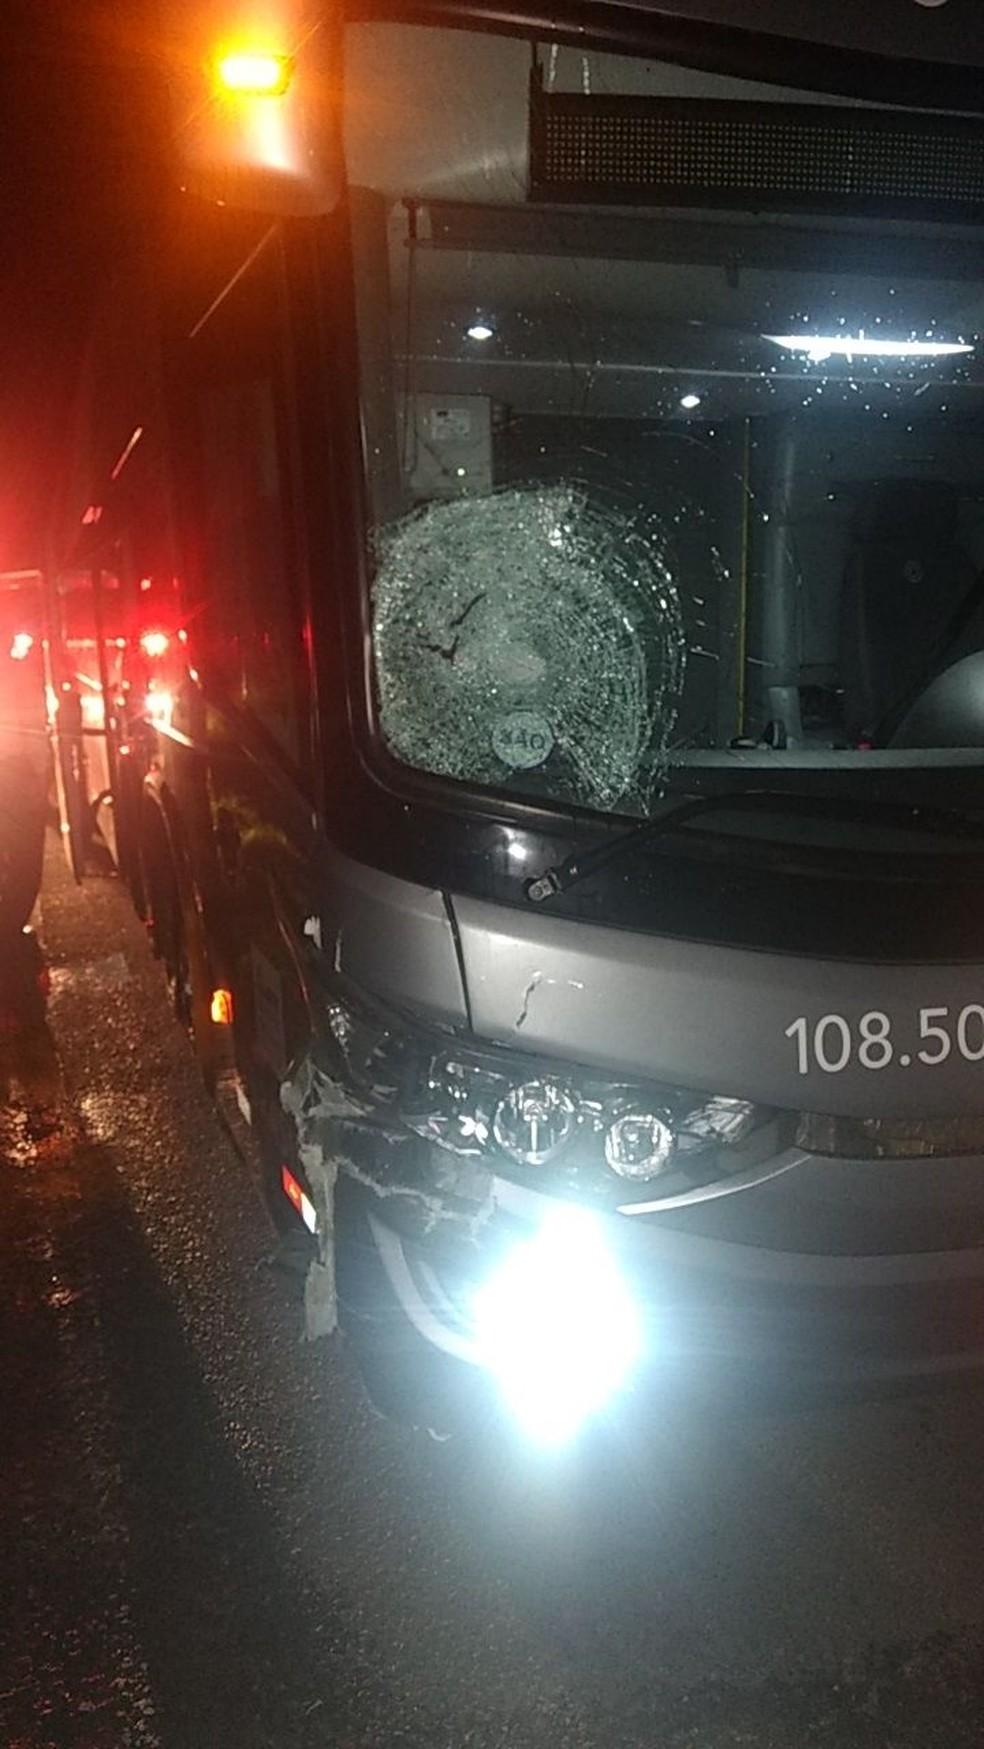 Casal fica ferido após colisão entre ônibus e moto na Via Dutra em Itatiaia — Foto: Divulgação/Polícia Rodoviária Federal